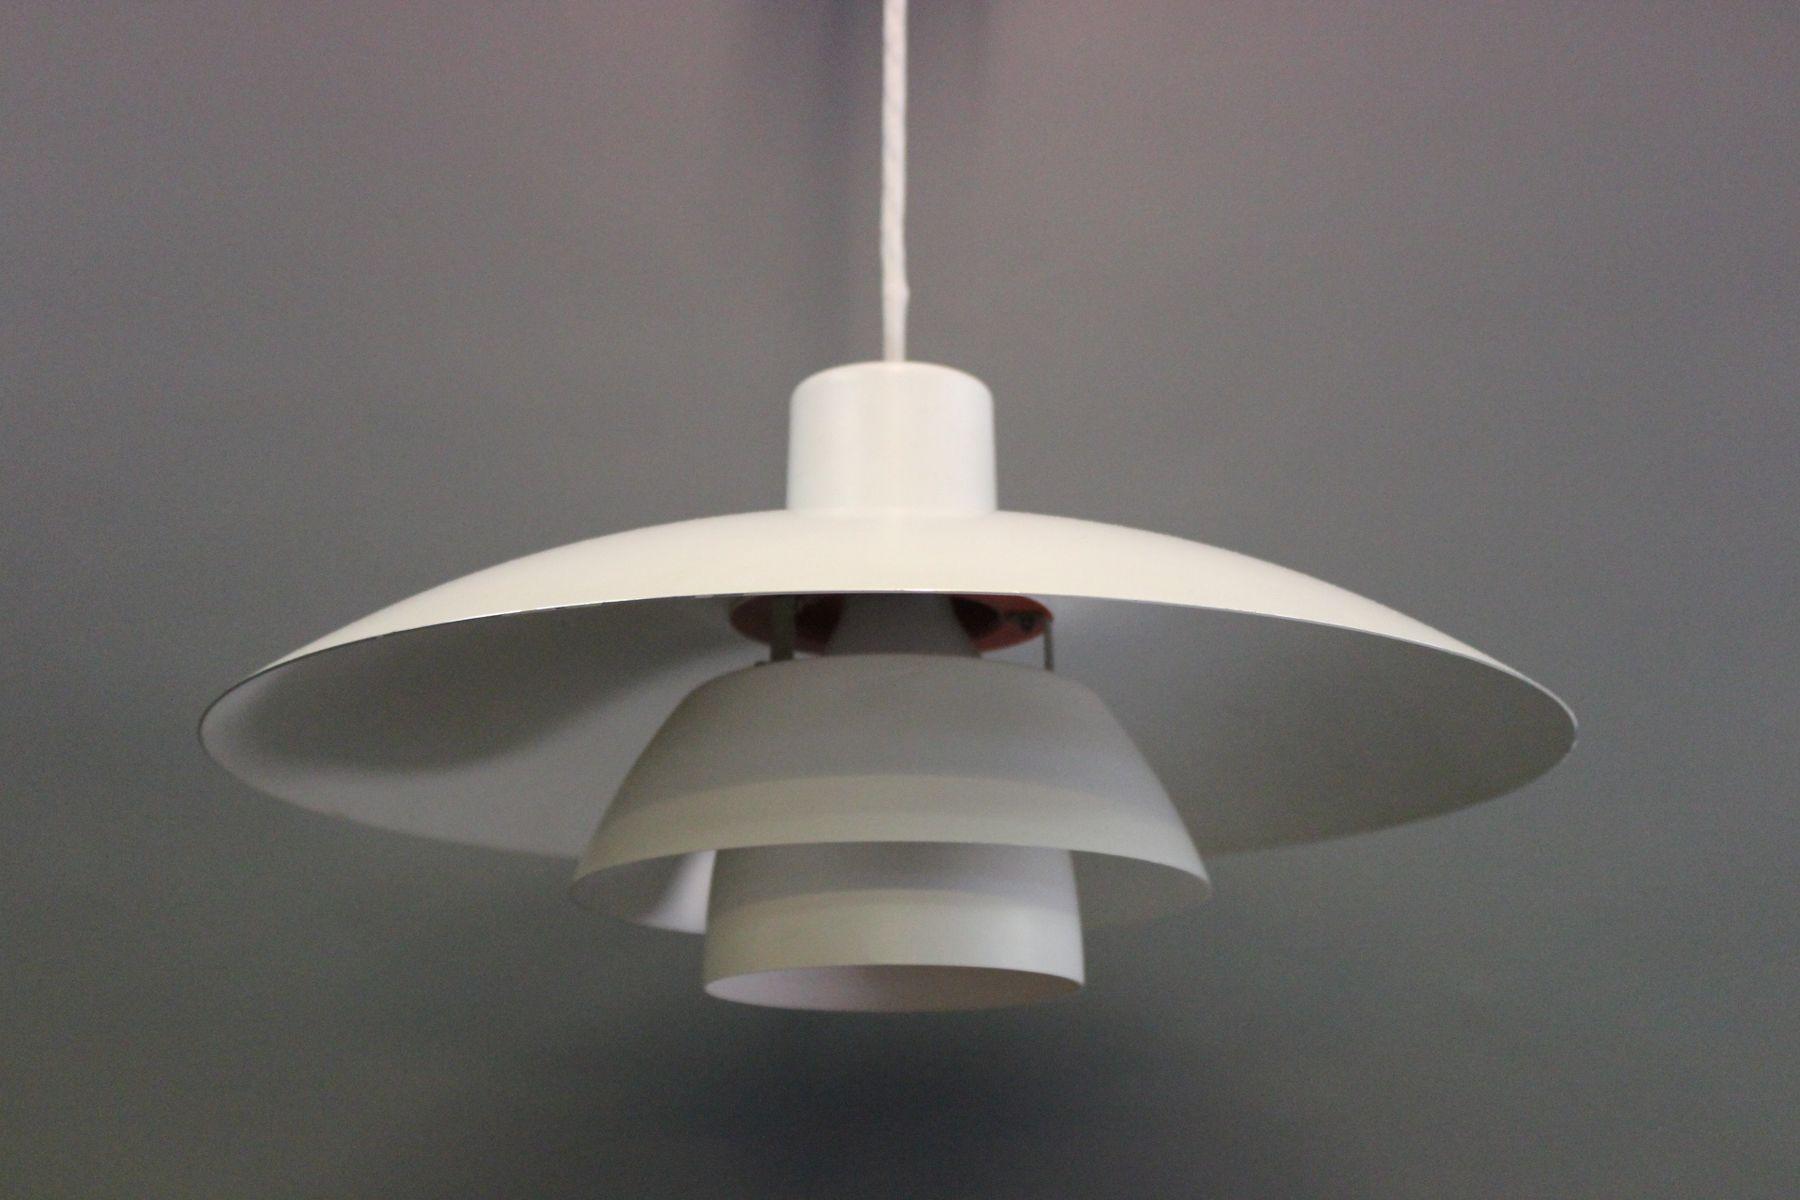 wei e ph4 h ngeleuchte aus metall von poul henningsen f r. Black Bedroom Furniture Sets. Home Design Ideas